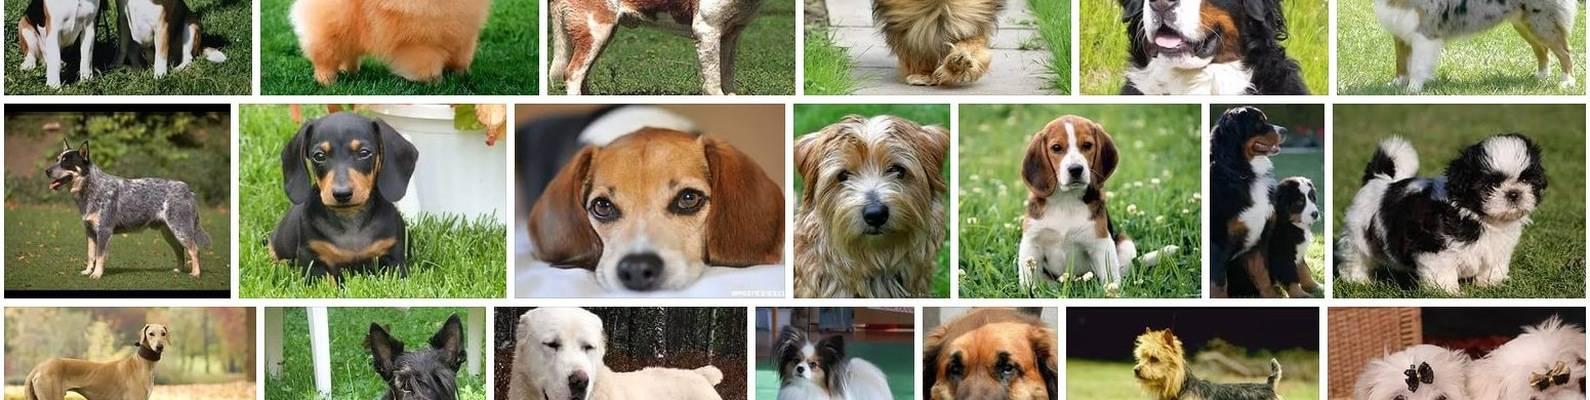 Собаки для новичков — выбор породы, рейтинг подходящих